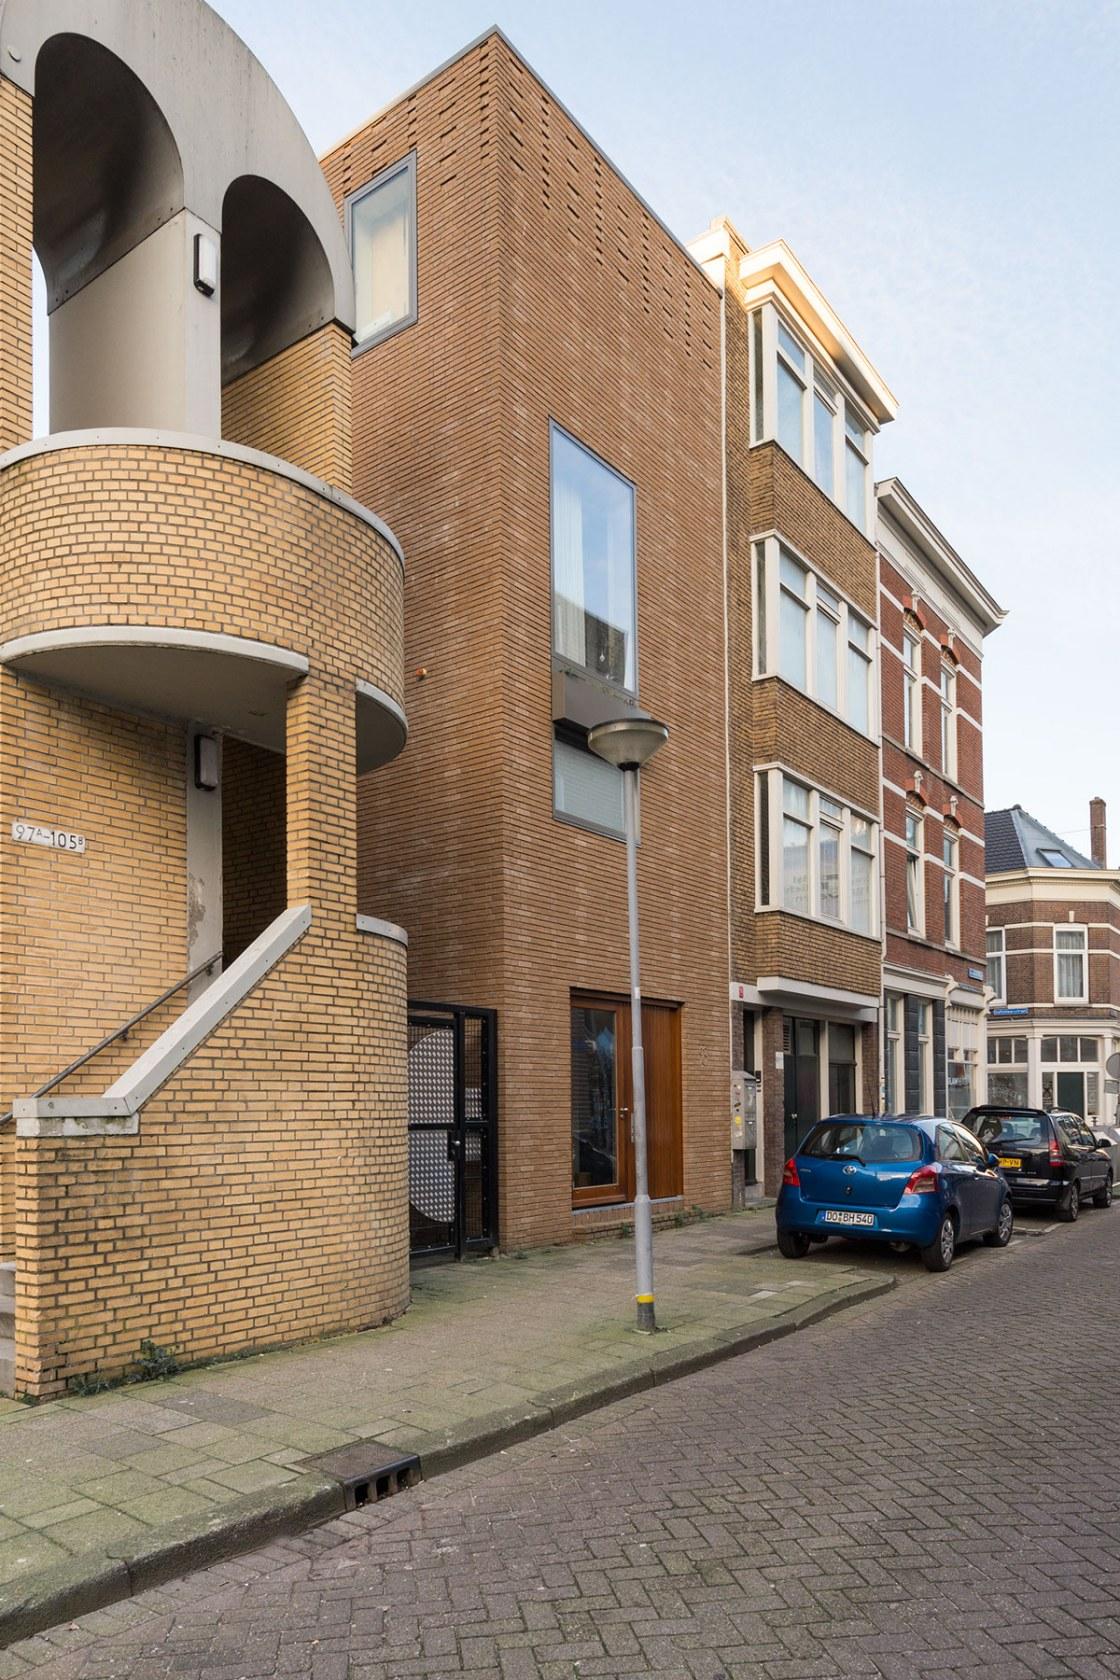 architectuur_maken_lvd_3